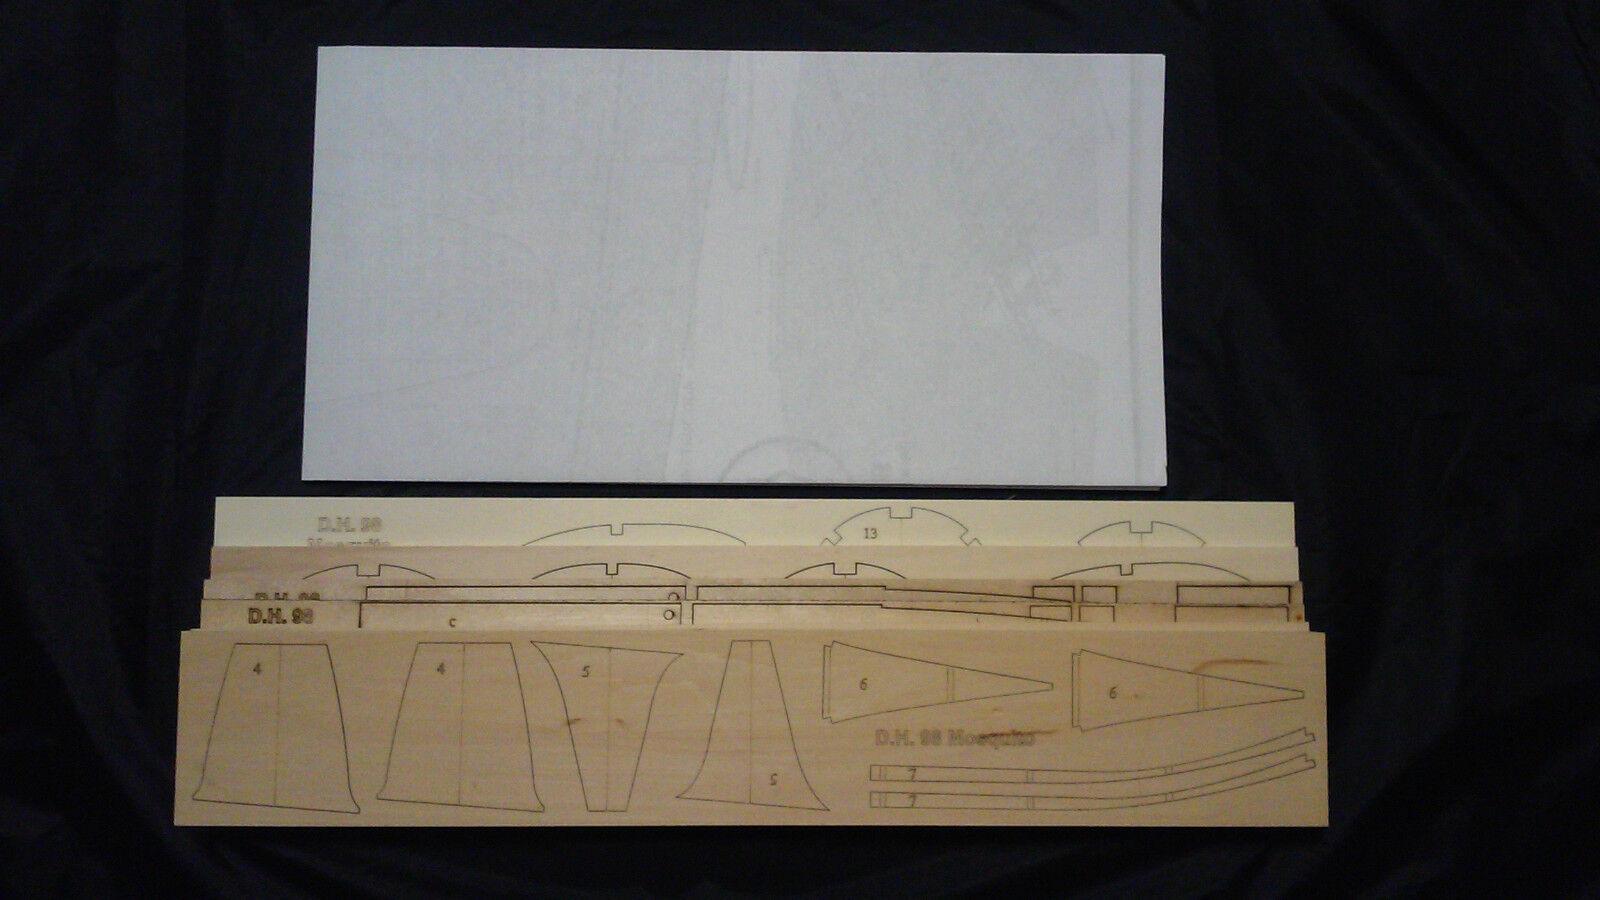 1 8 scale D.H.98 MOSQUITO PR.XVI Laser Cut Short Kit & Plans 81 ws, PLEASE READ